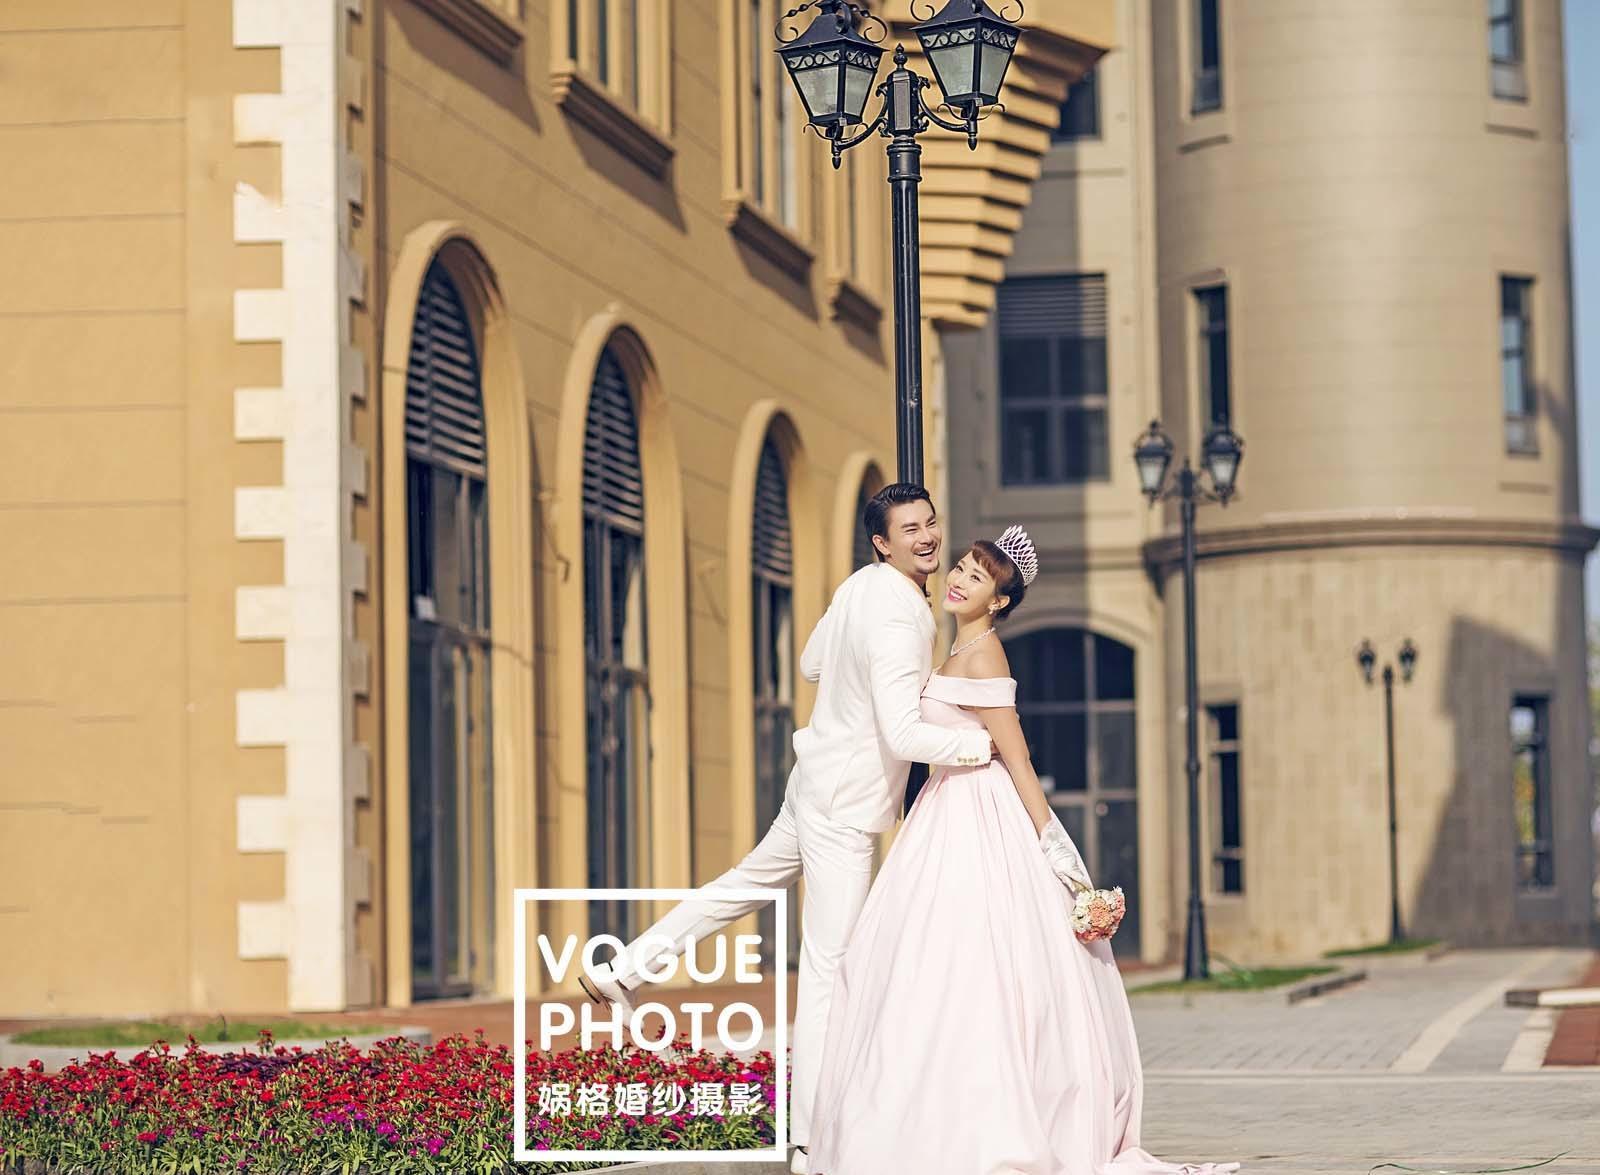 欧洲小镇婚纱照图片